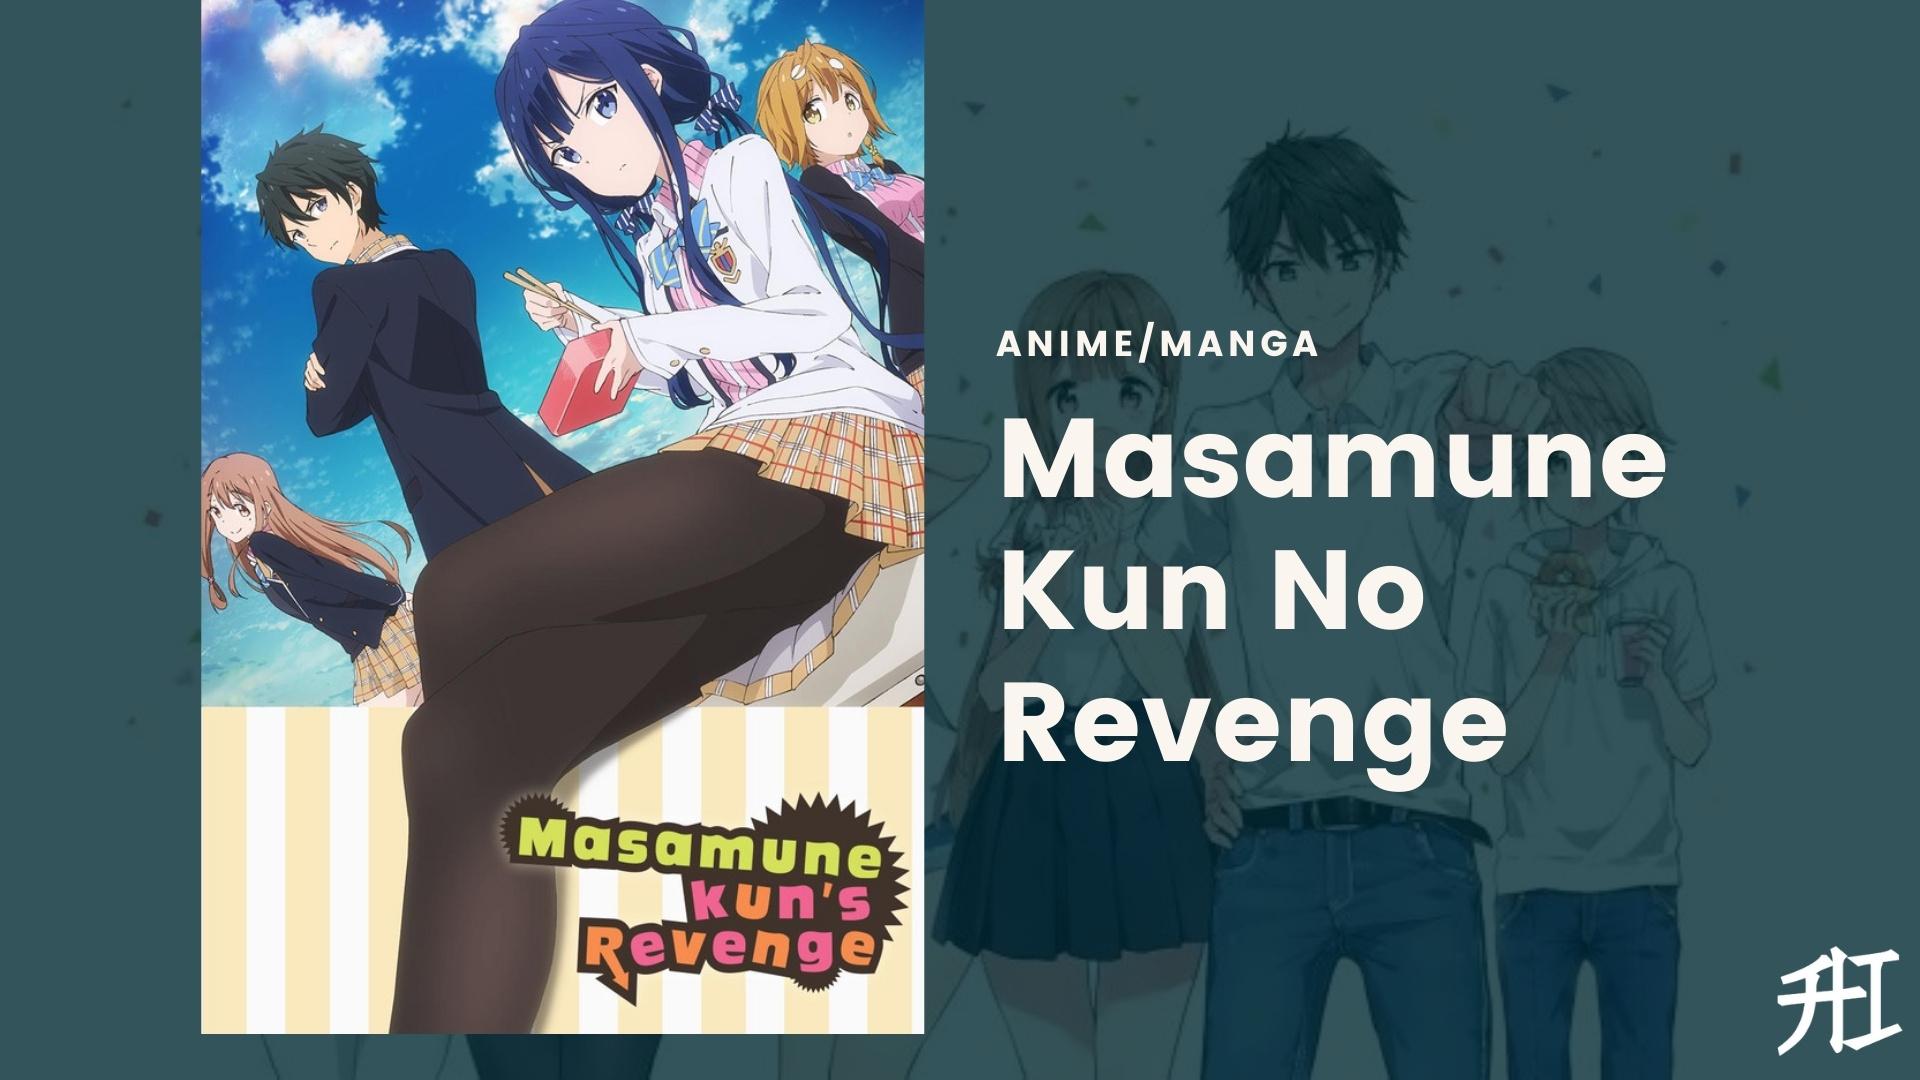 Masamune Kun No Revenge